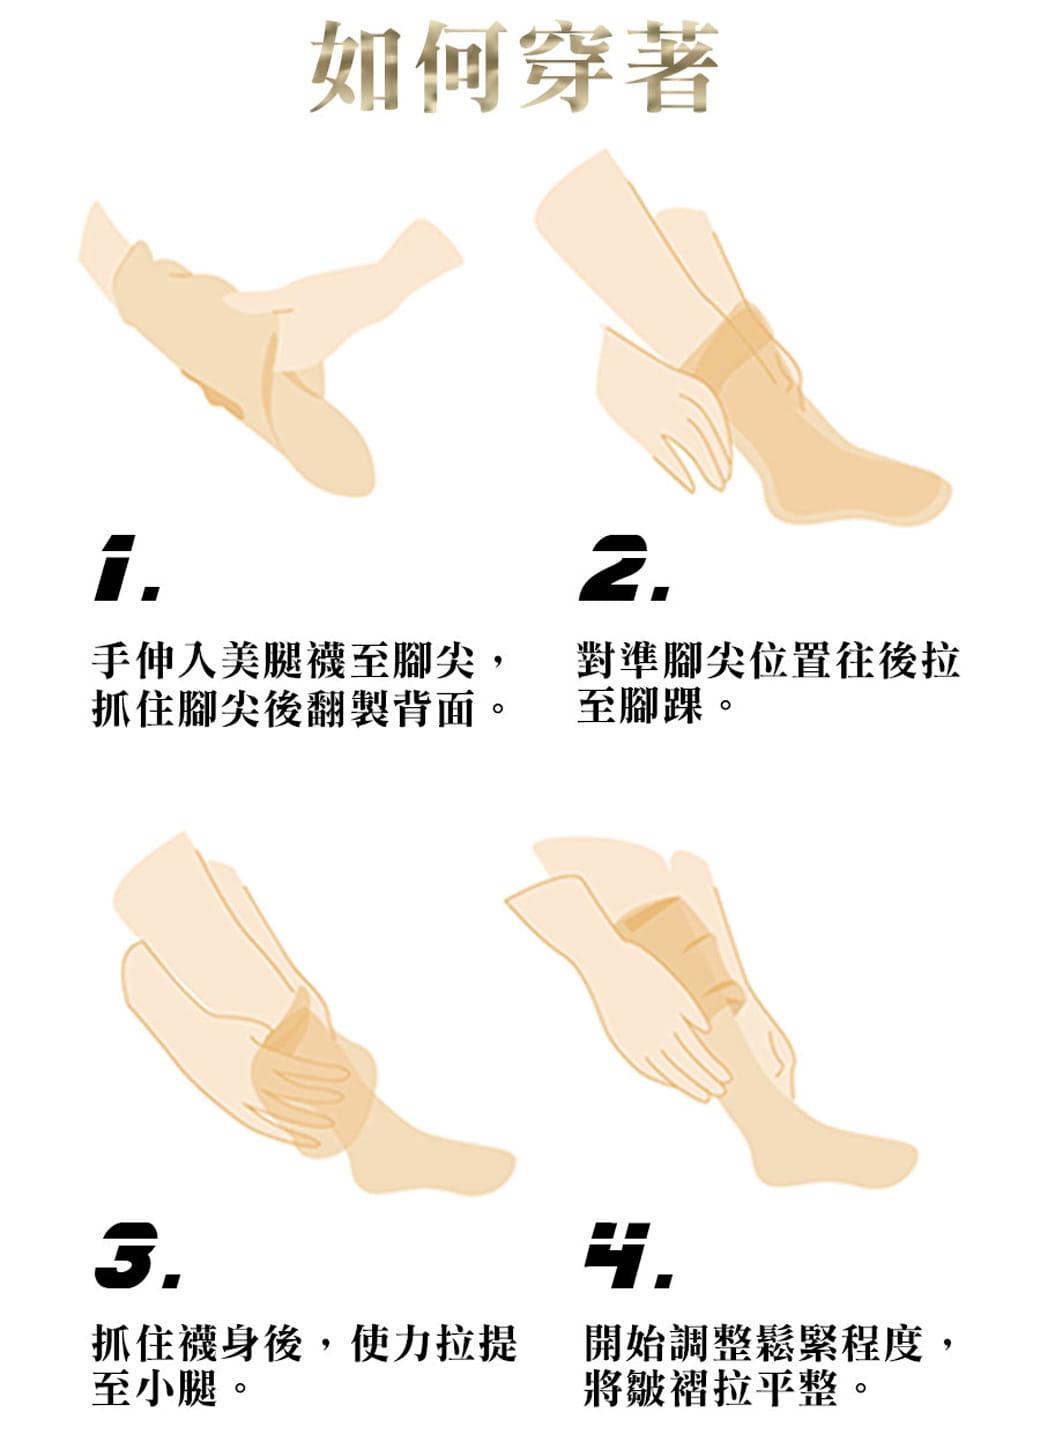 【力美特機能襪】彈力機能壓力襪(厚底款) 7